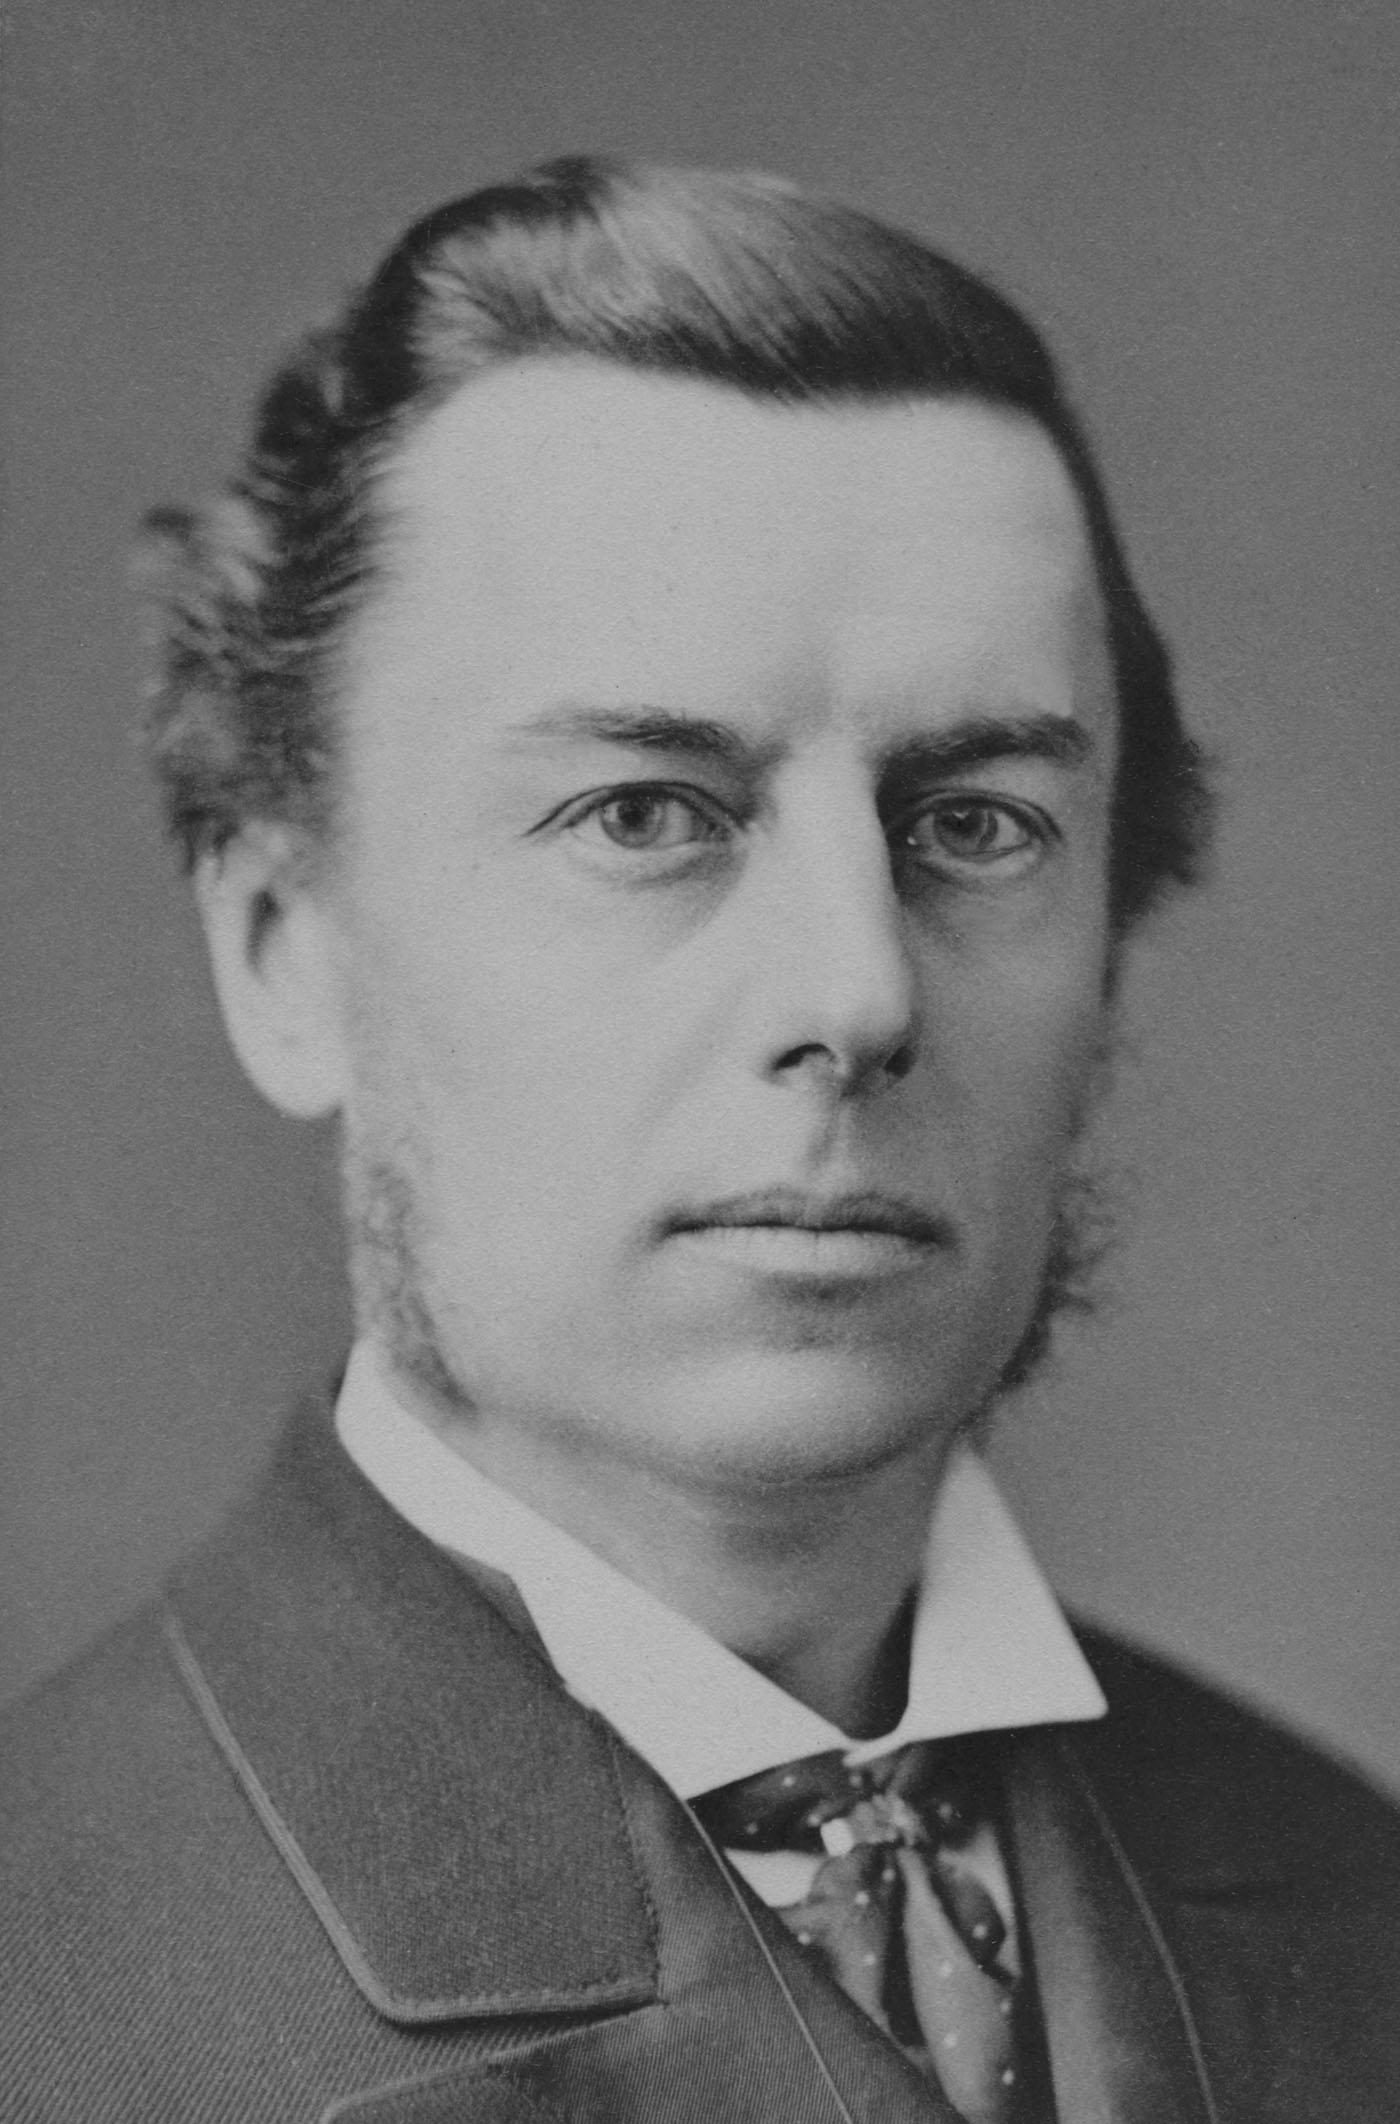 Joseph Chamberlain 2